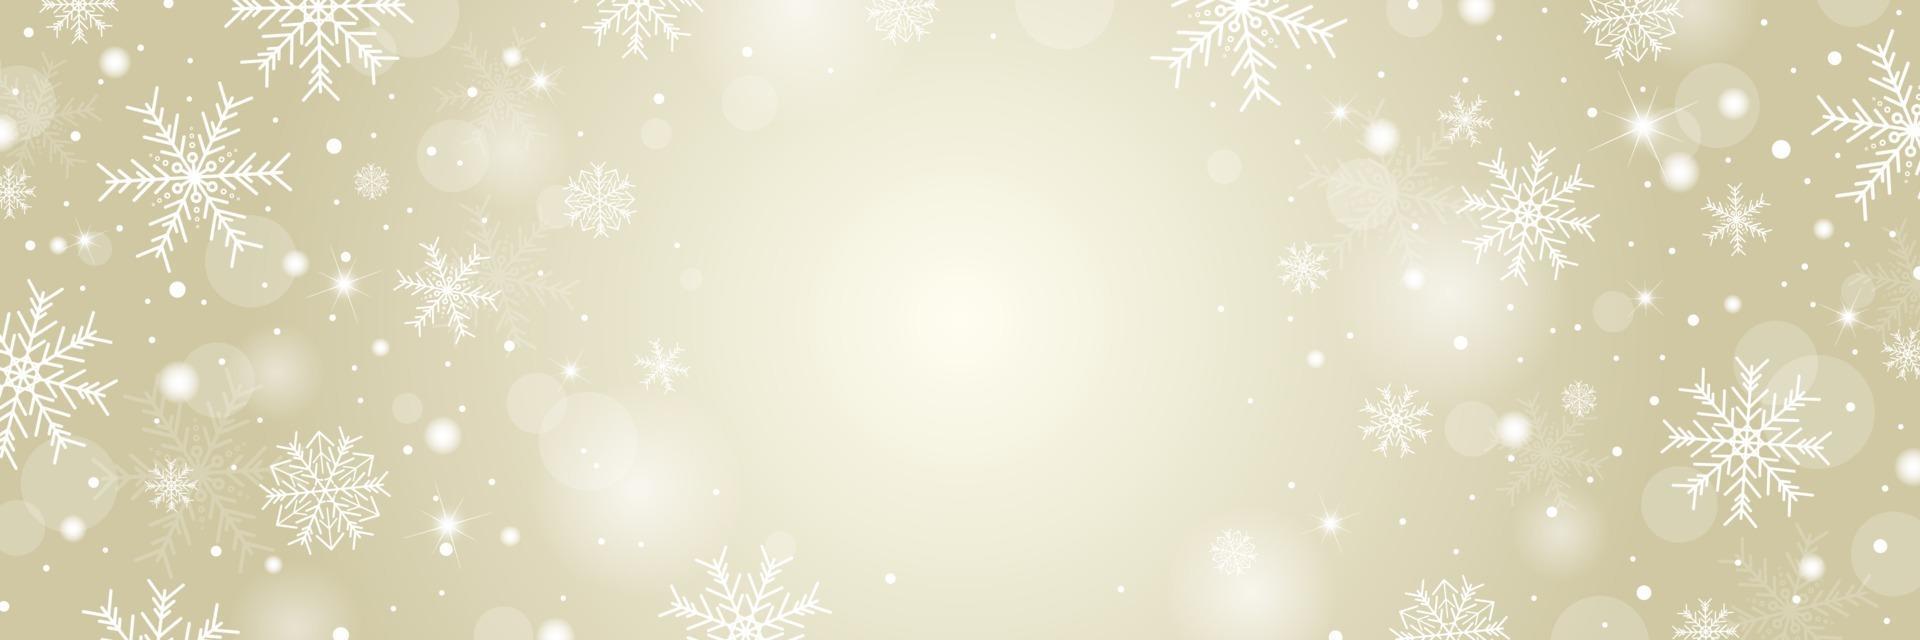 conception de fond Noël et hiver de flocon de neige blanc et neige avec illustration vectorielle de copie espace vecteur